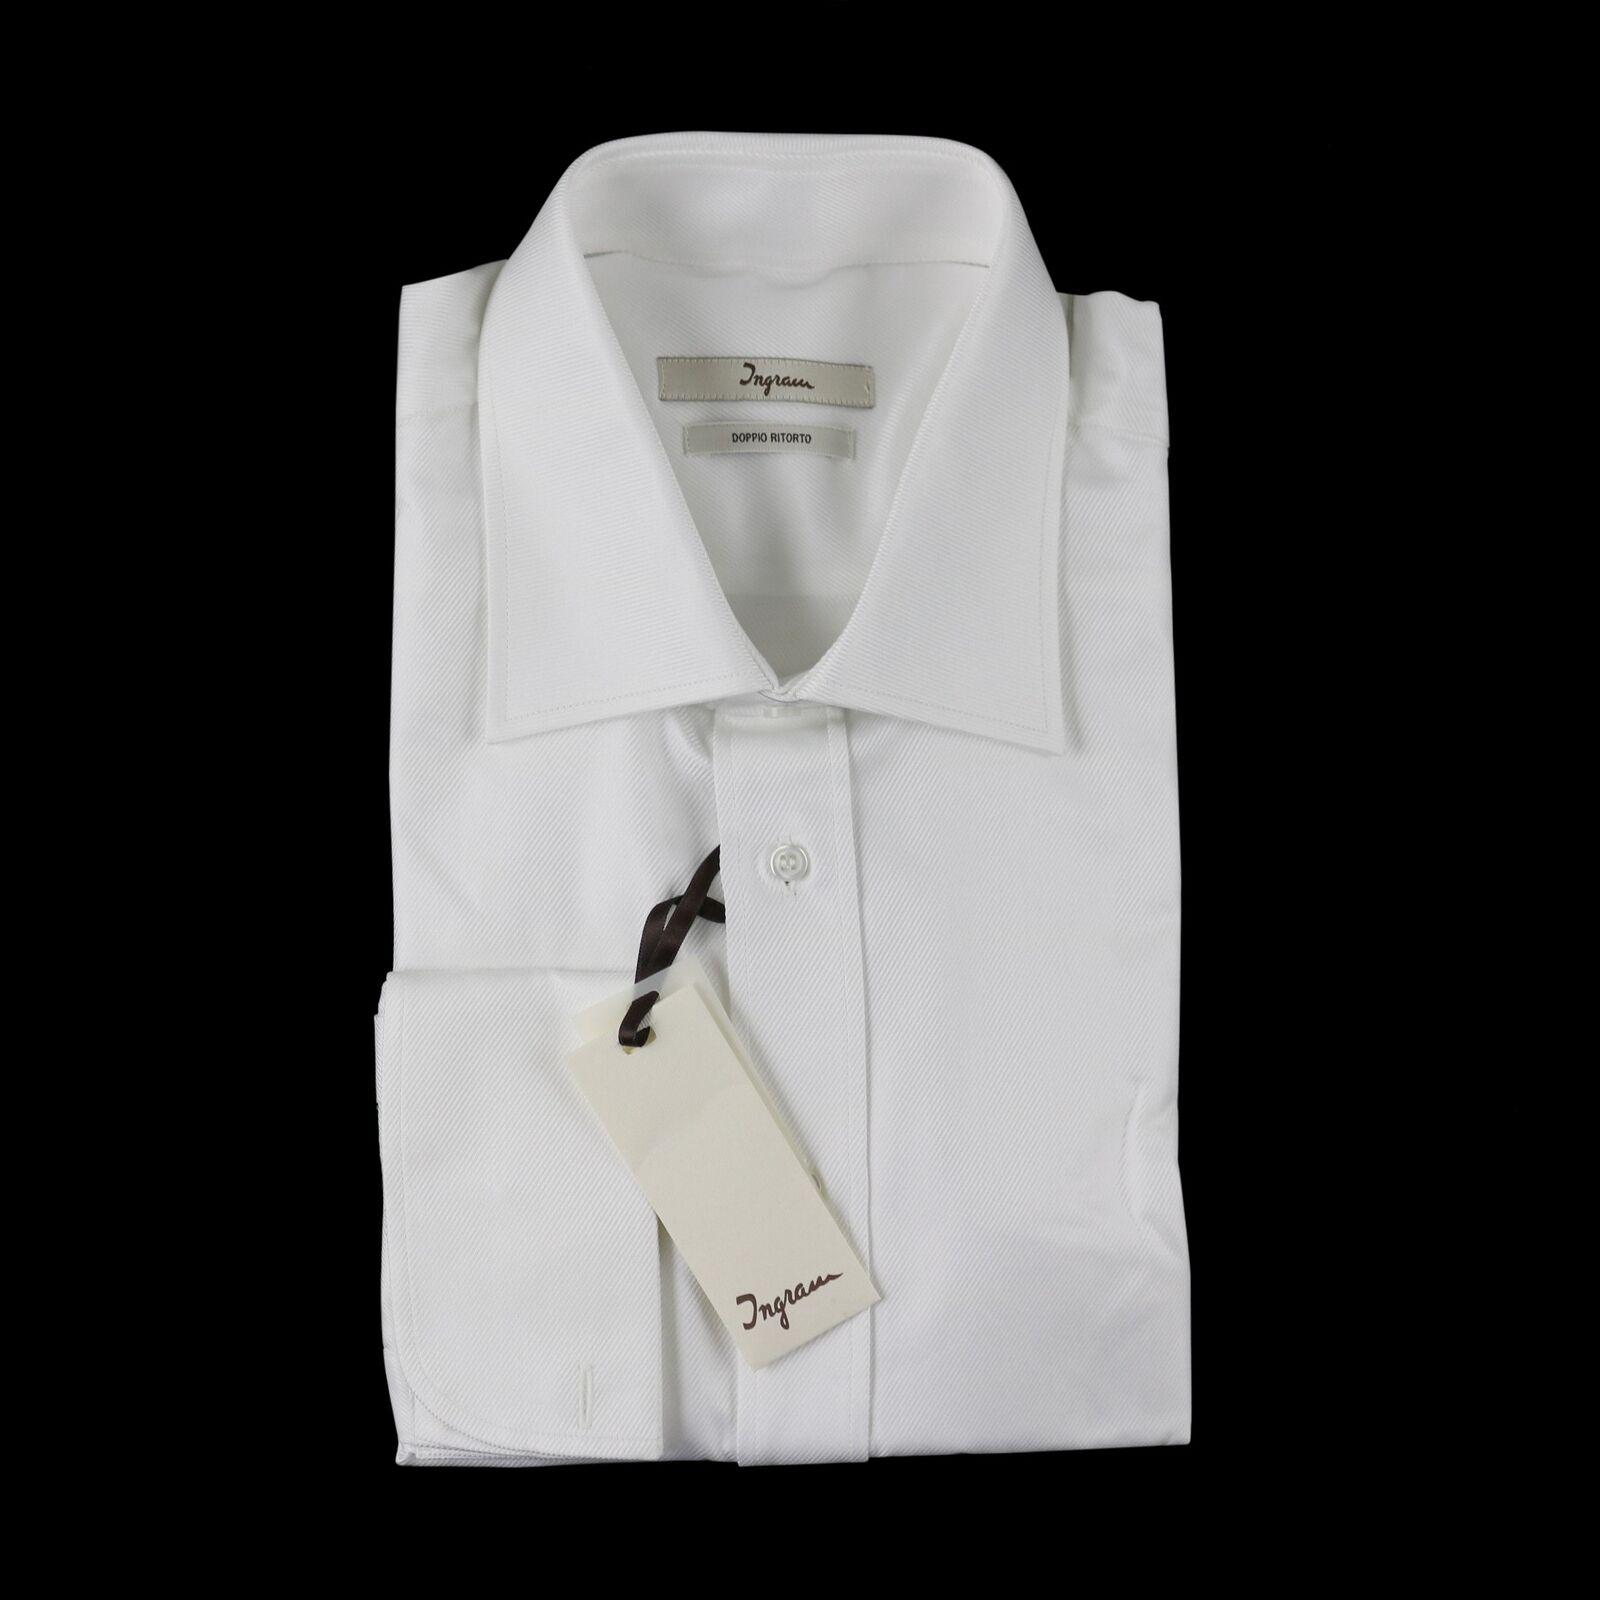 Nuevo con Etiqueta Ingram blancoo Doppio Ritorto Algodón  Puño Francés Camisa 16  Con precio barato para obtener la mejor marca.